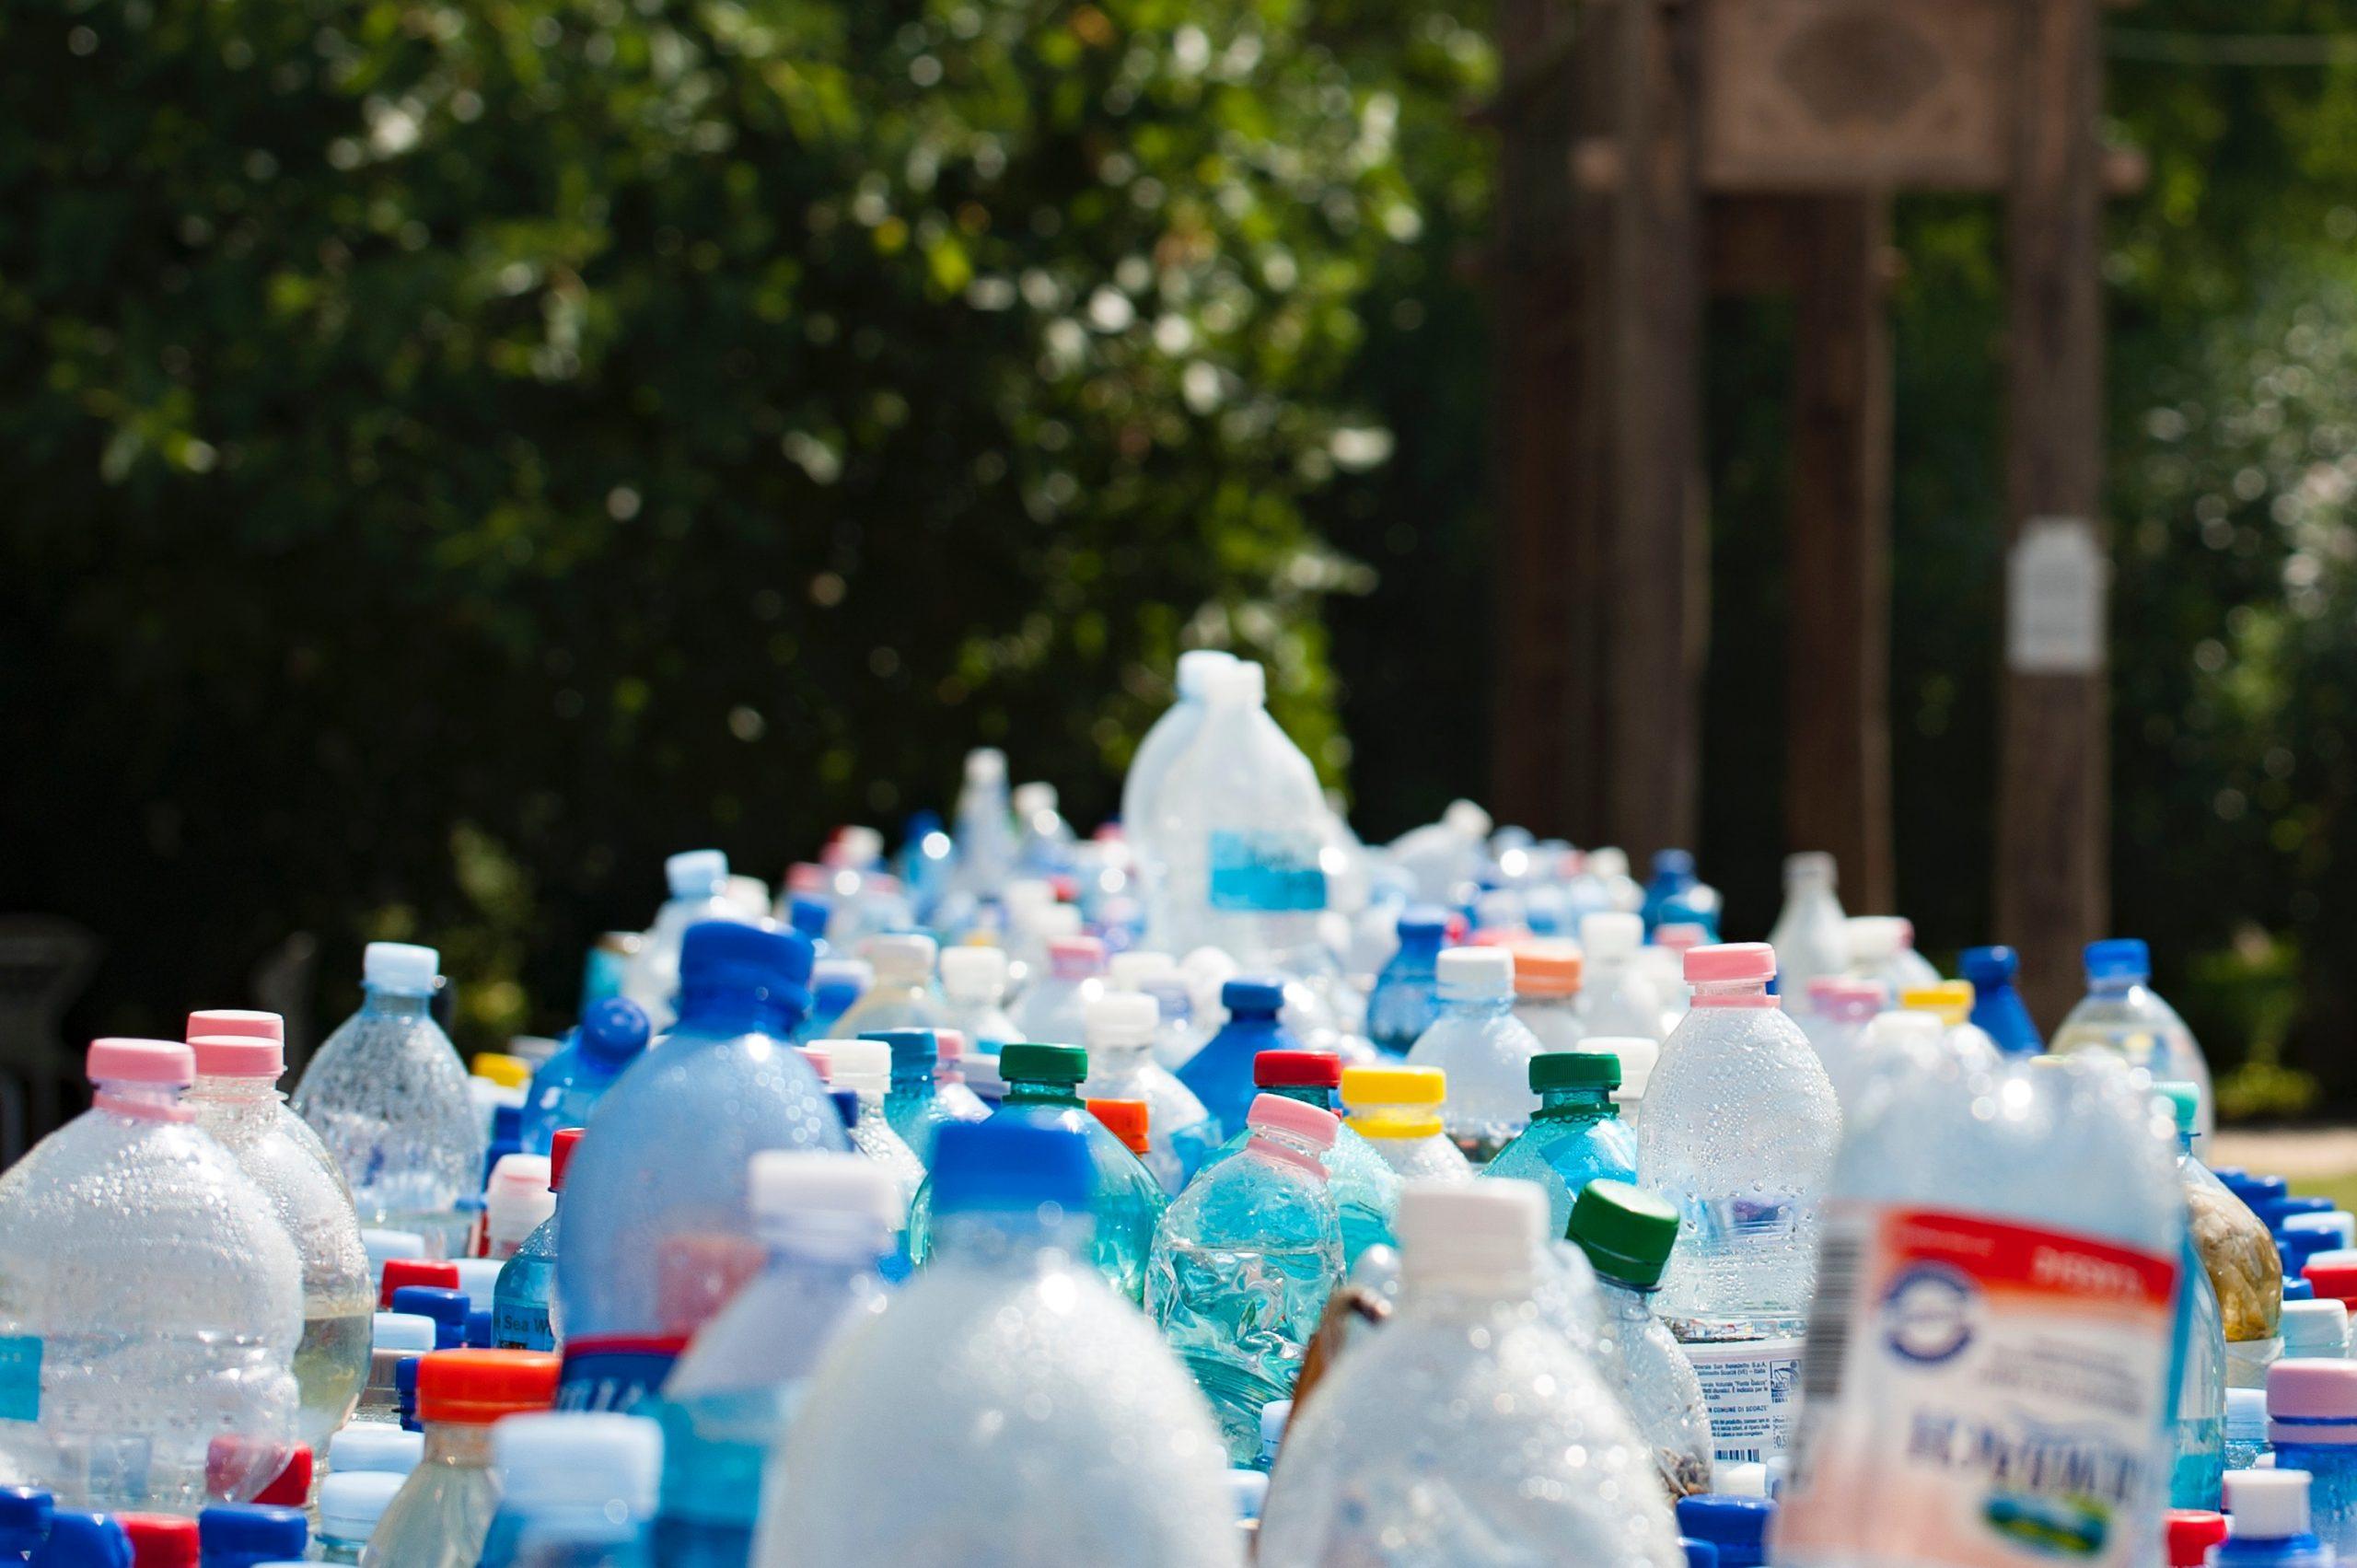 Ricircola: una prova di vuoto a rendere per la plastica